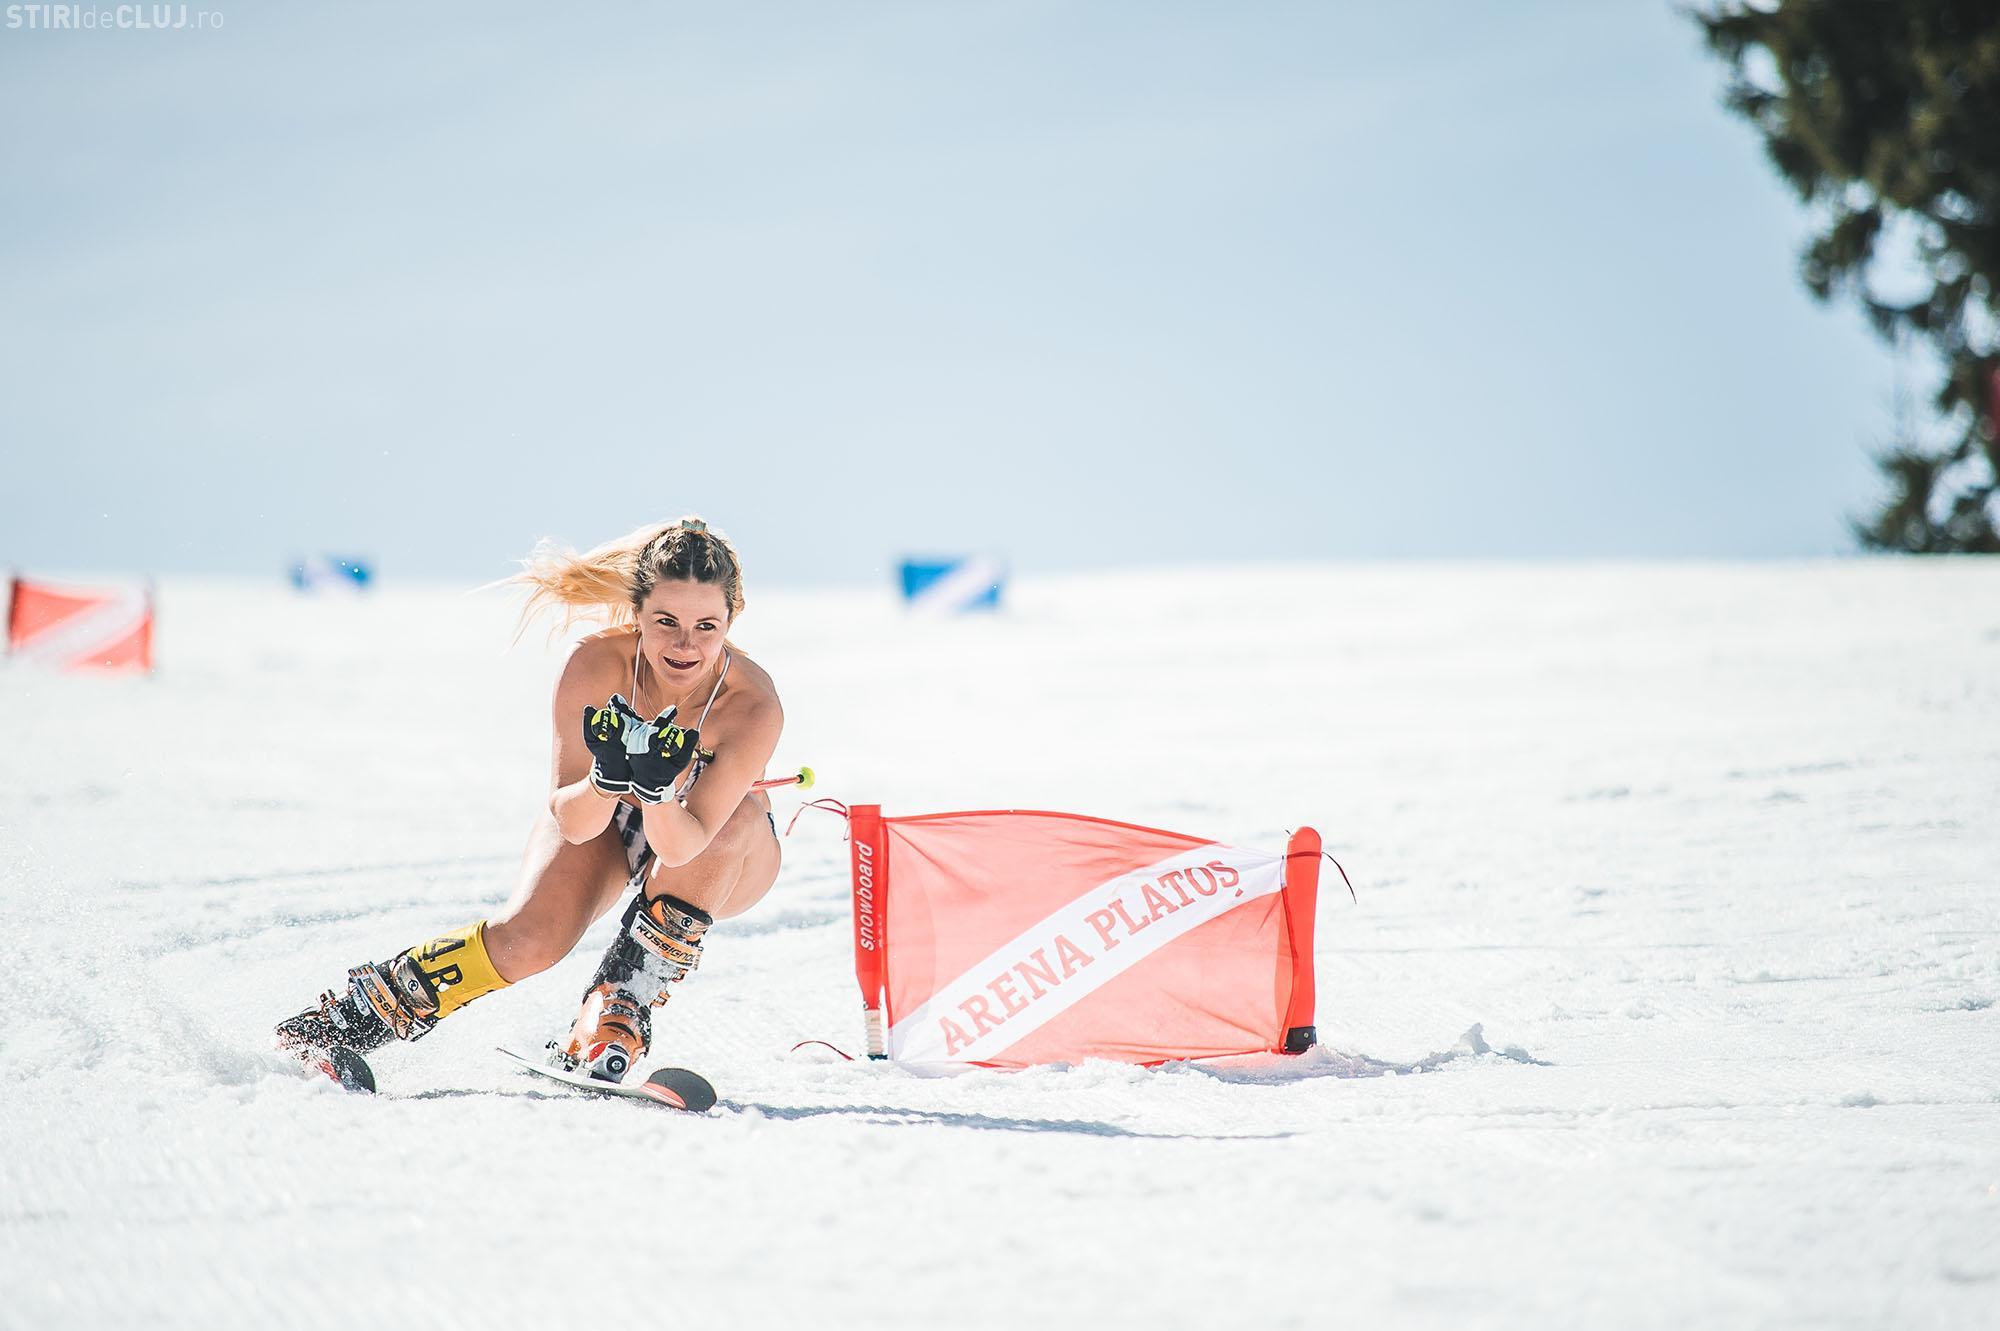 O clujeancă sexy a câștigat titlul Bikini Race, de la Arena Platoș - FOTO / VIDEO